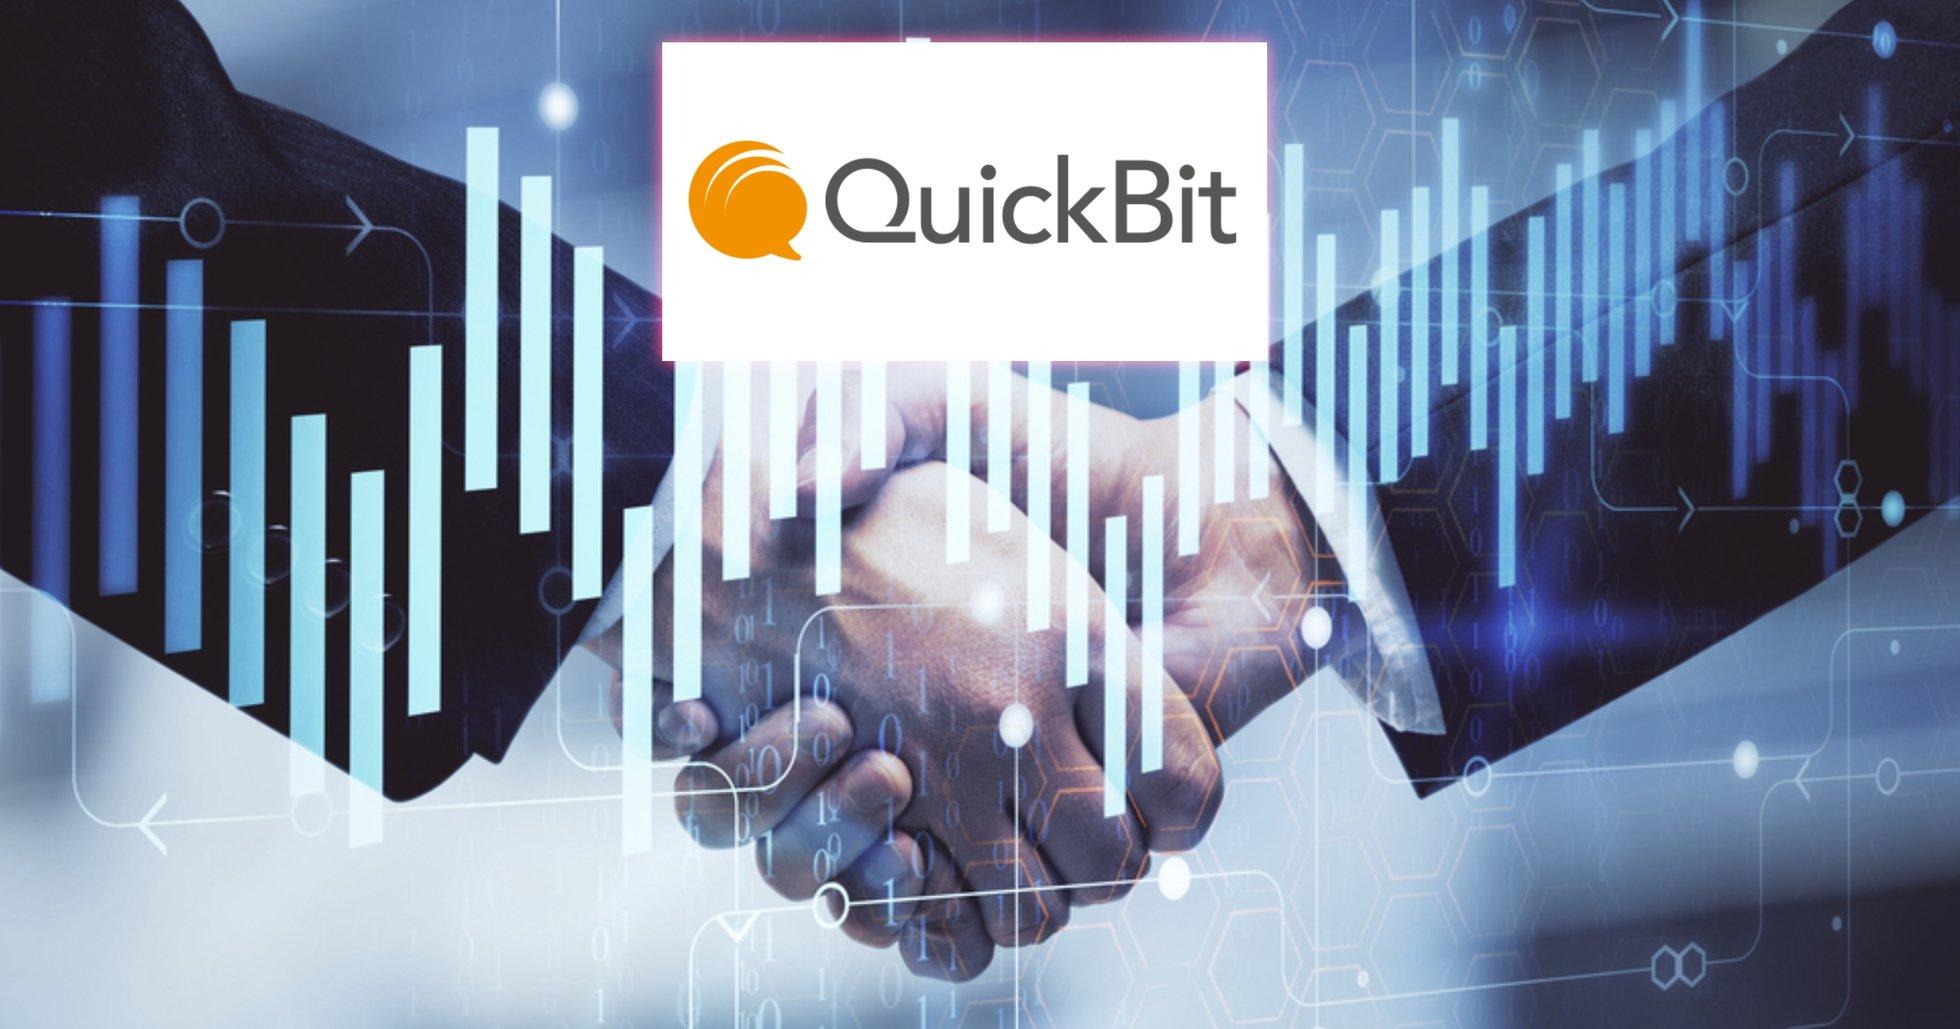 Ny storägare i svenska börsraketen Quickbit – schweiziskt bolag köper 10 procent